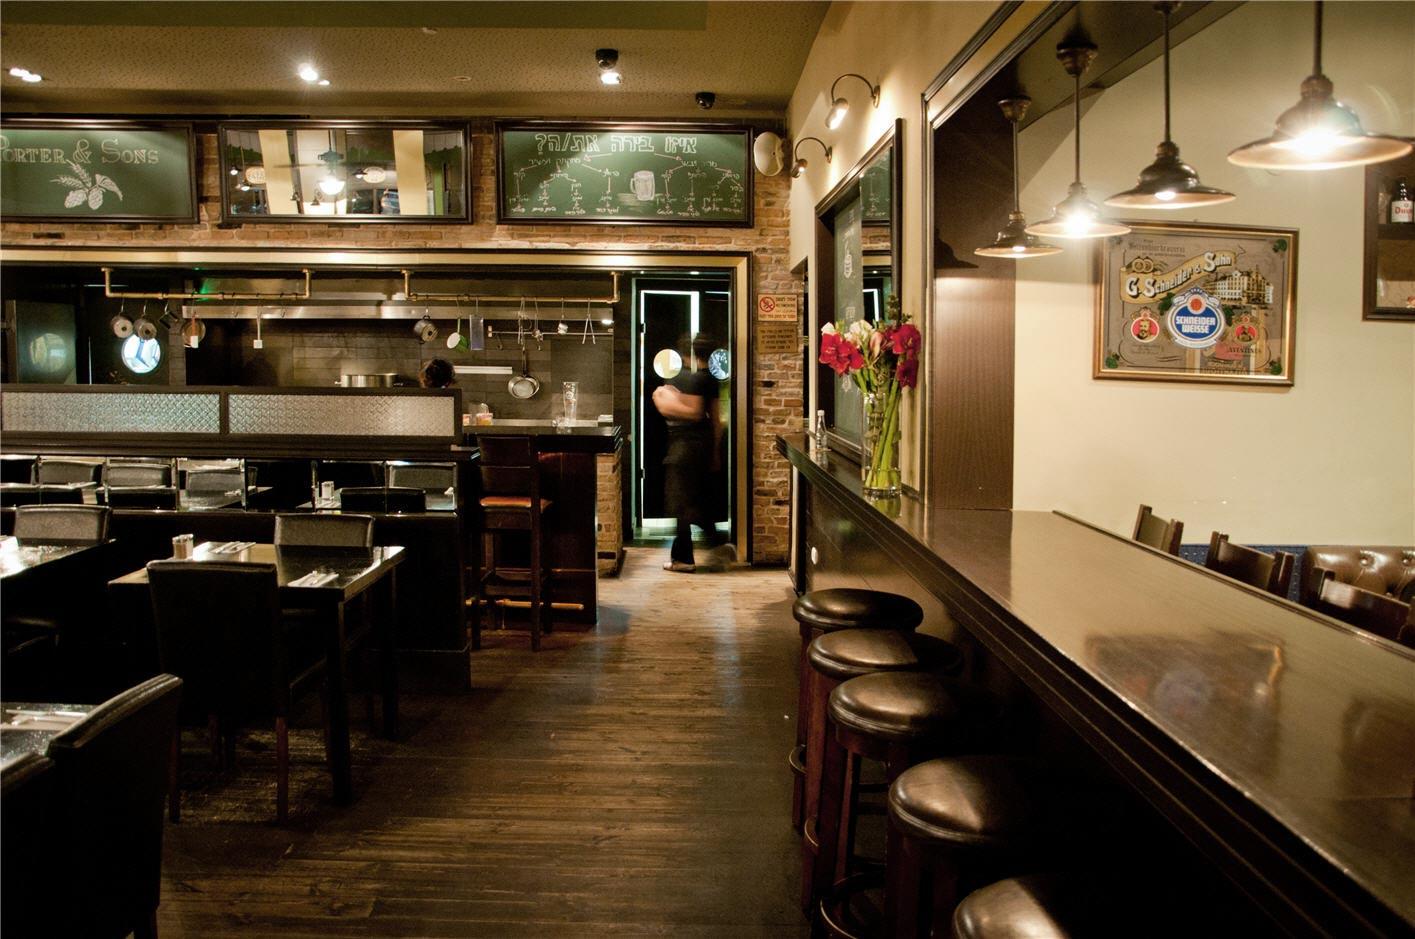 Porters & Sons - interior design by Studio Y.